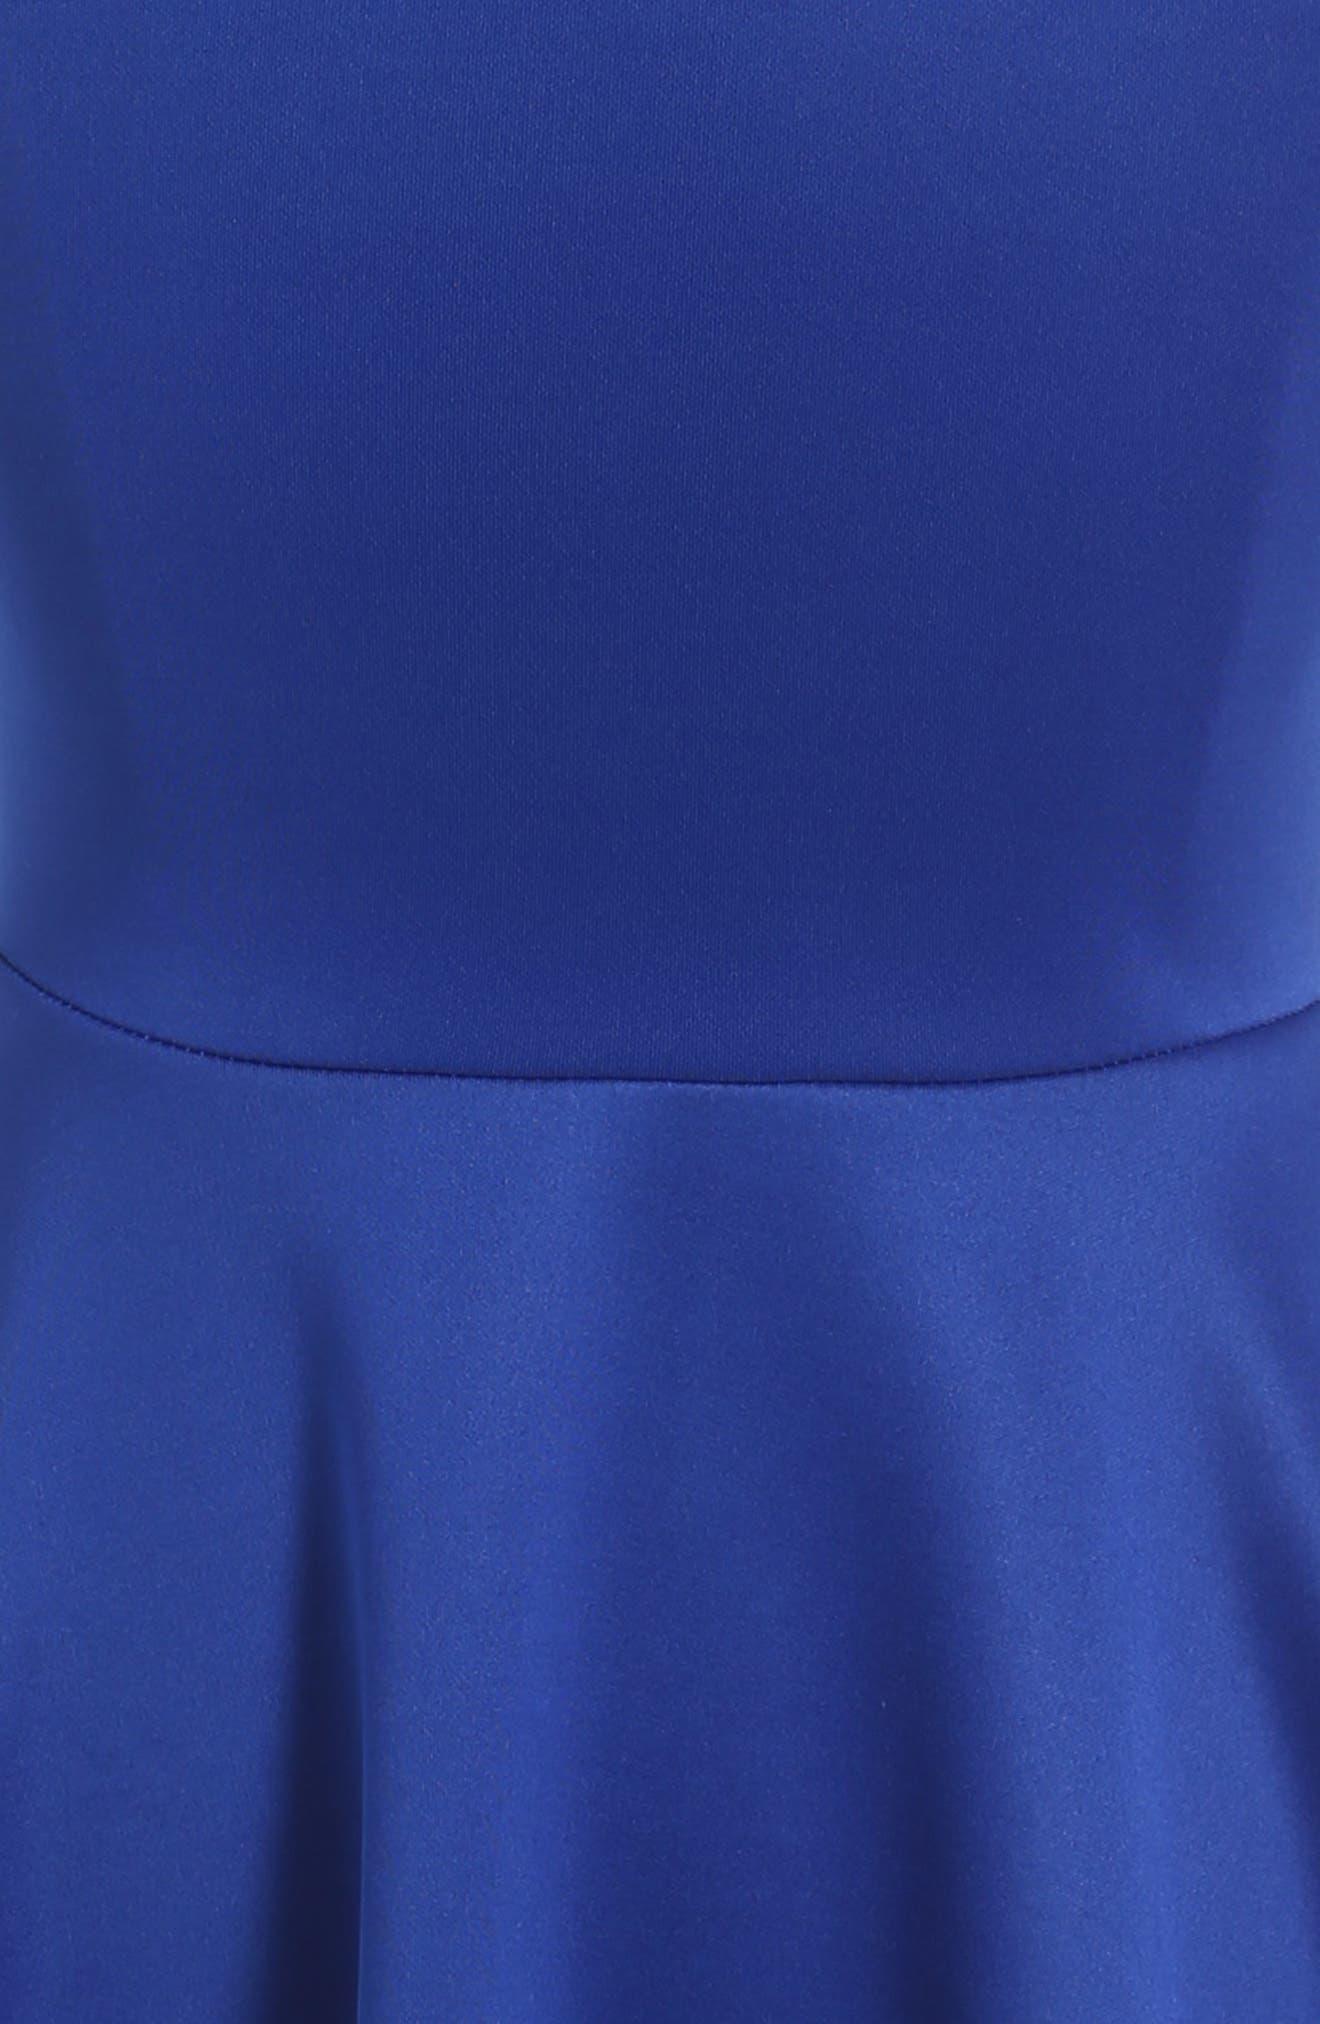 Lace Scuba Dress,                             Alternate thumbnail 3, color,                             420